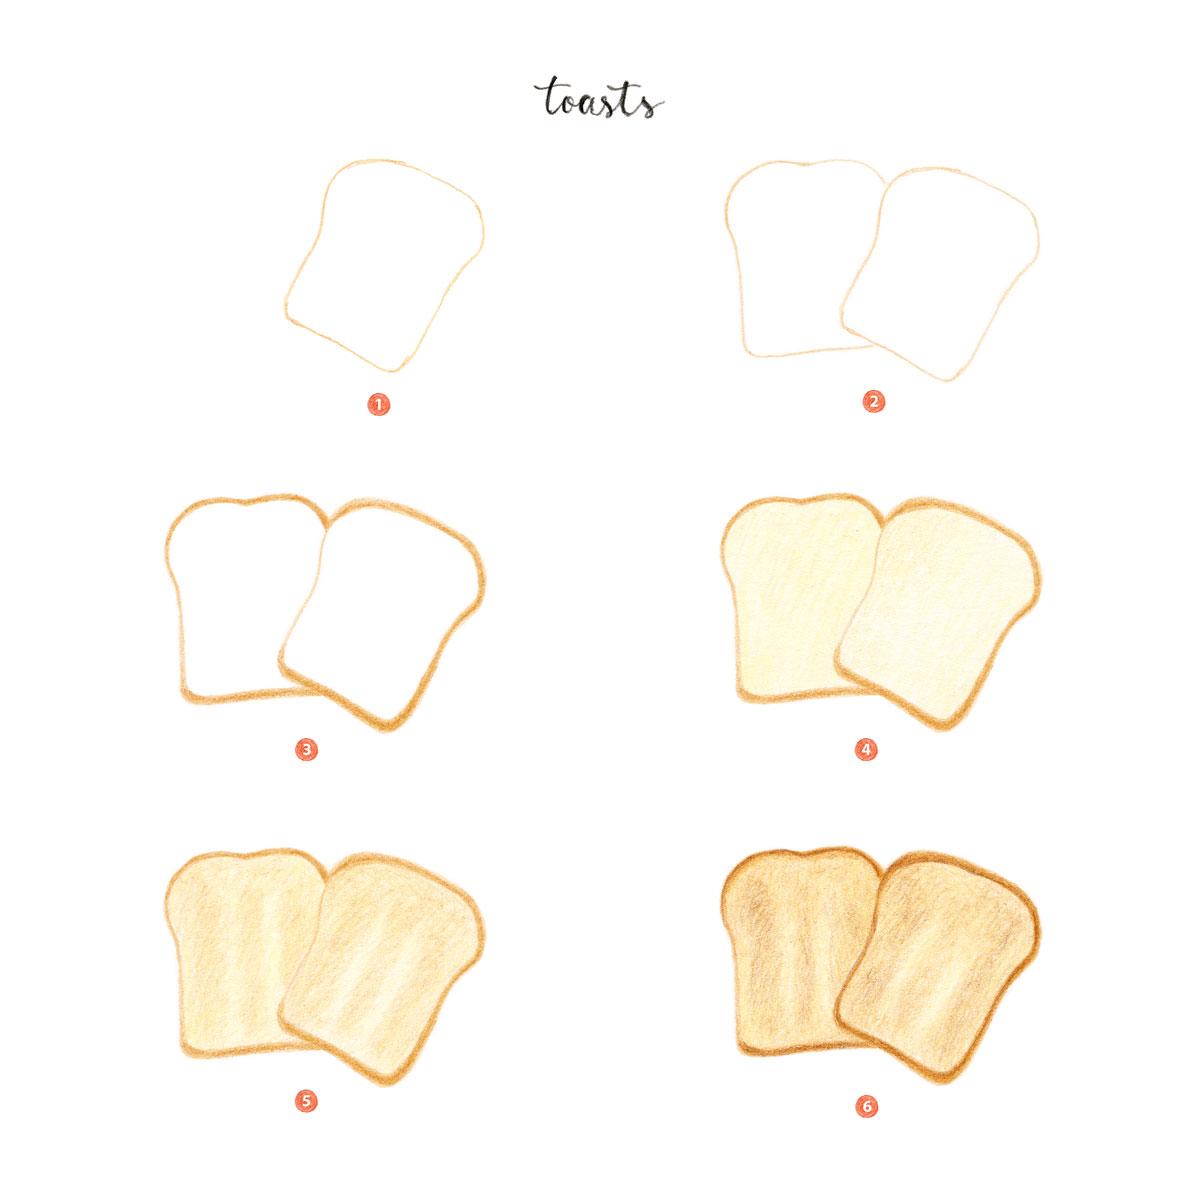 toast_steps.jpg